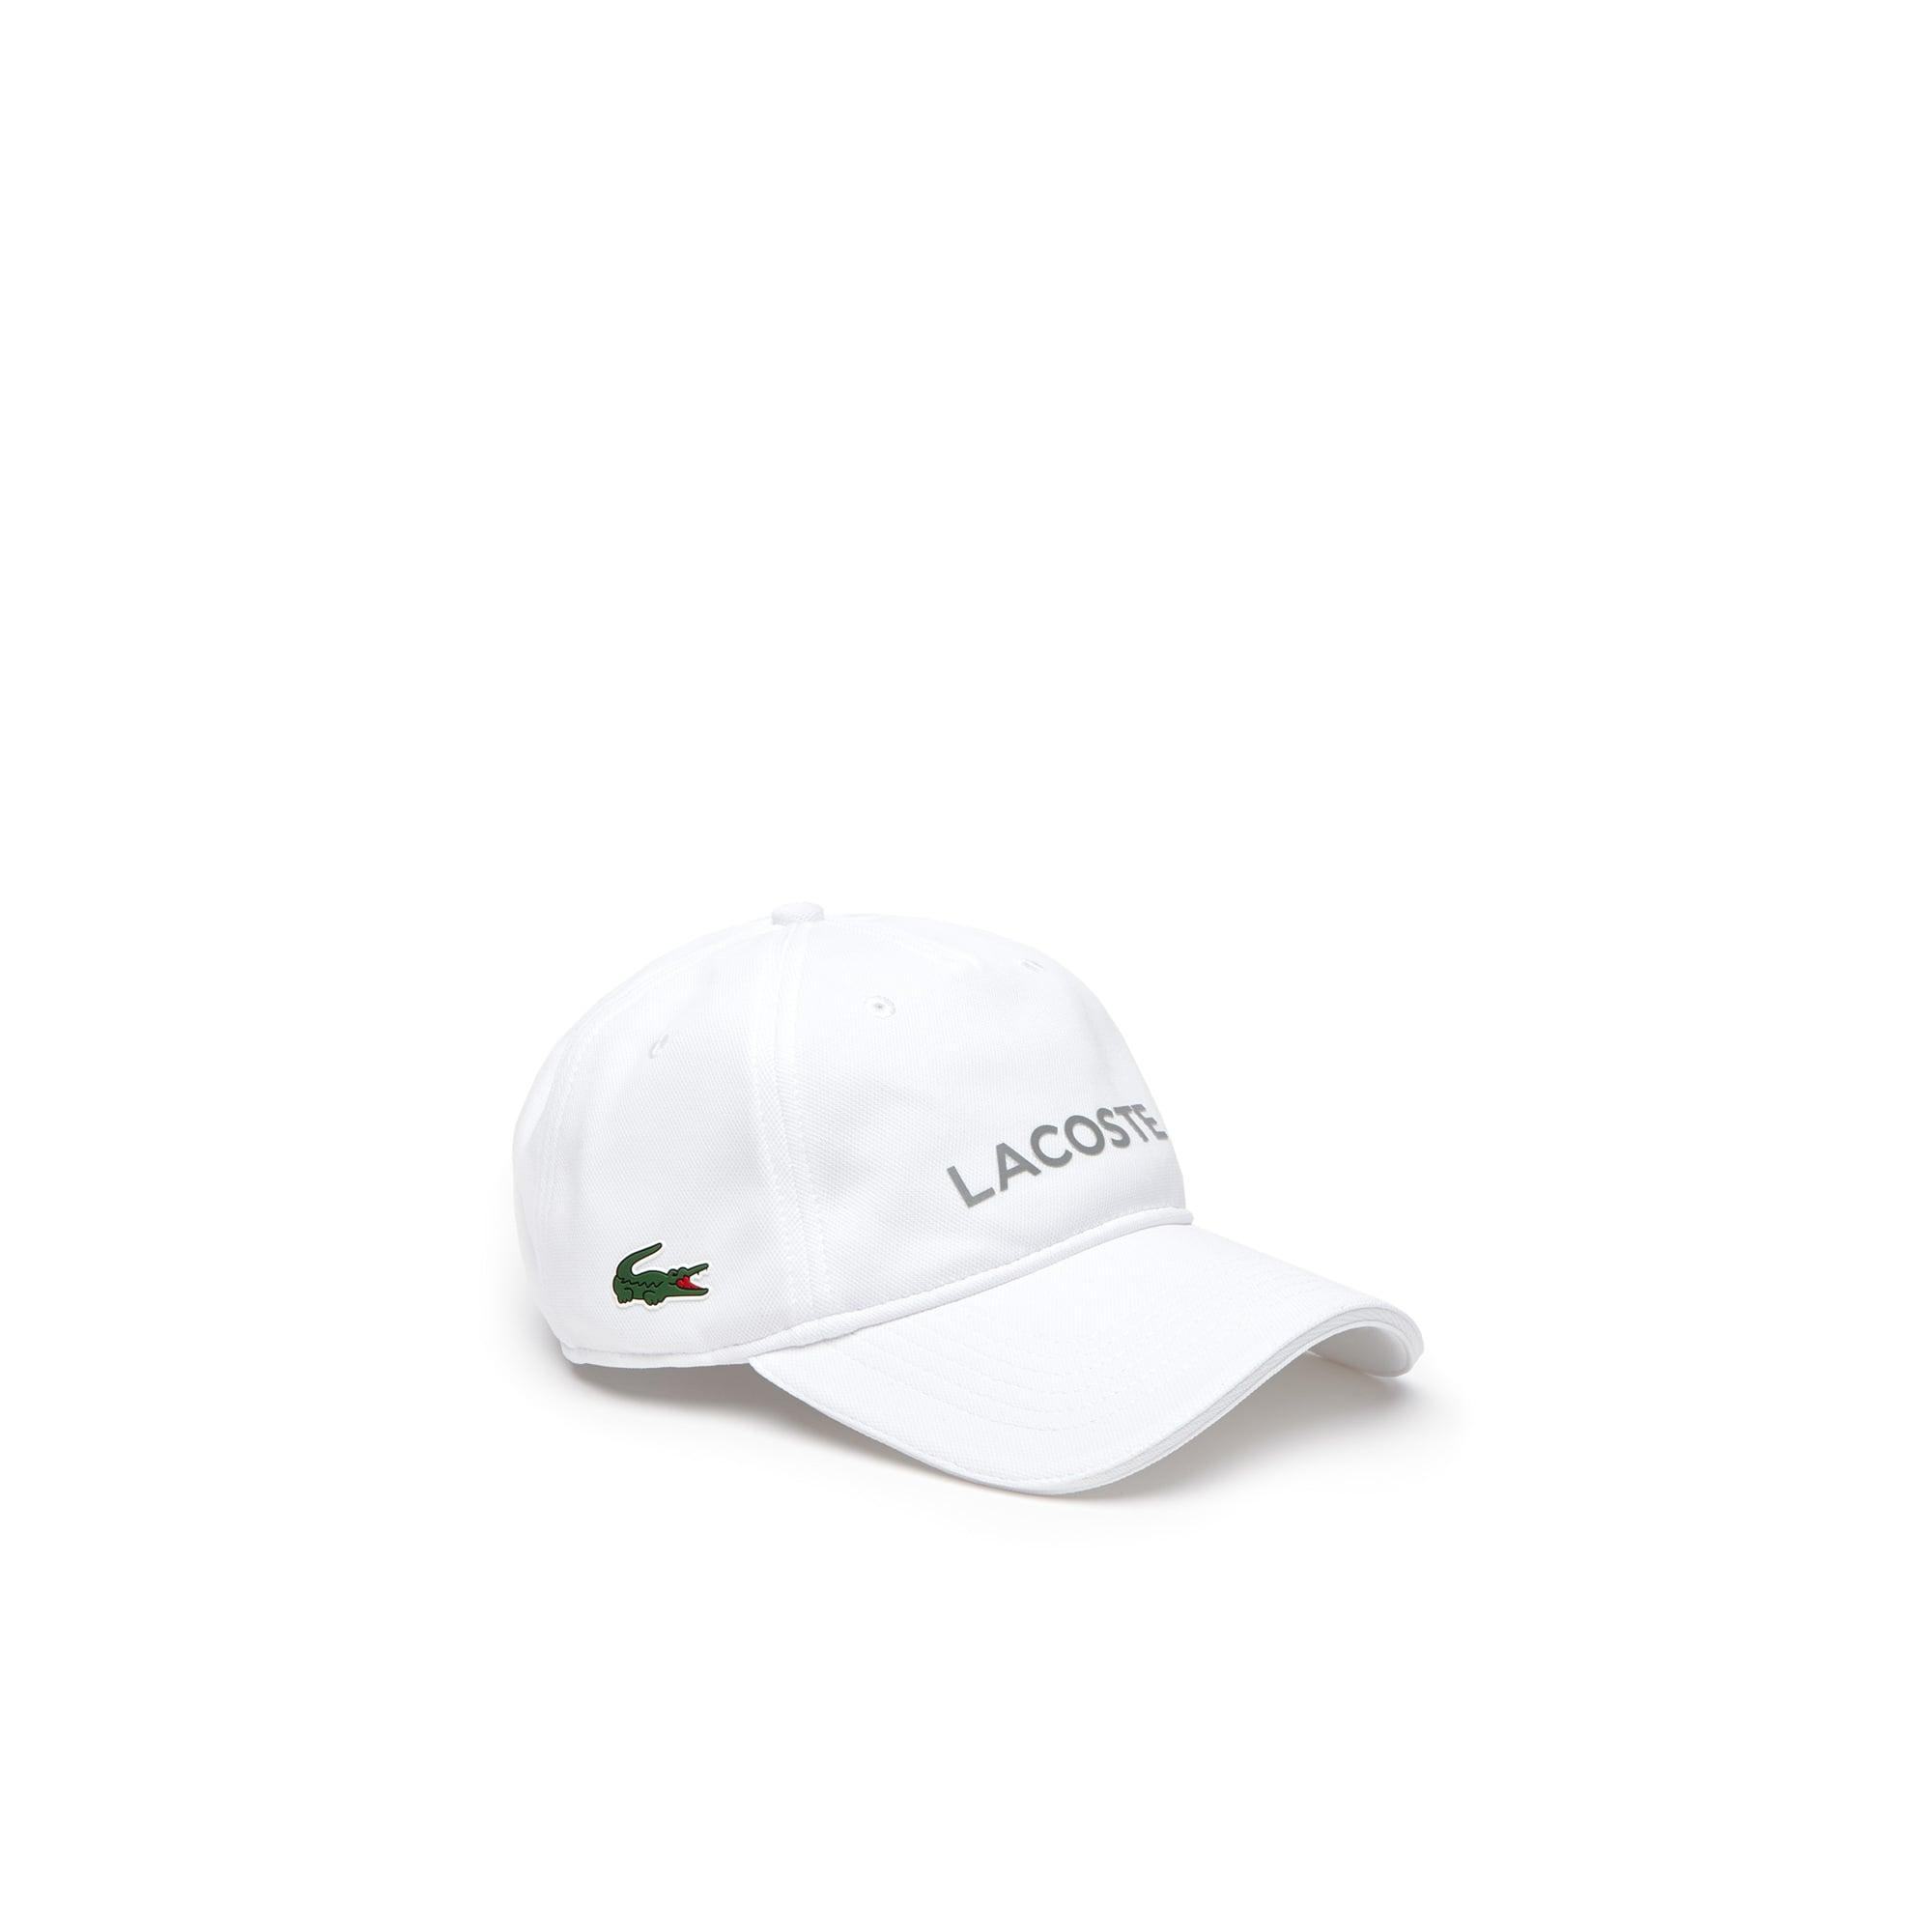 Herren LACOSTE SPORT Ryder Cup Edition Golf Cap